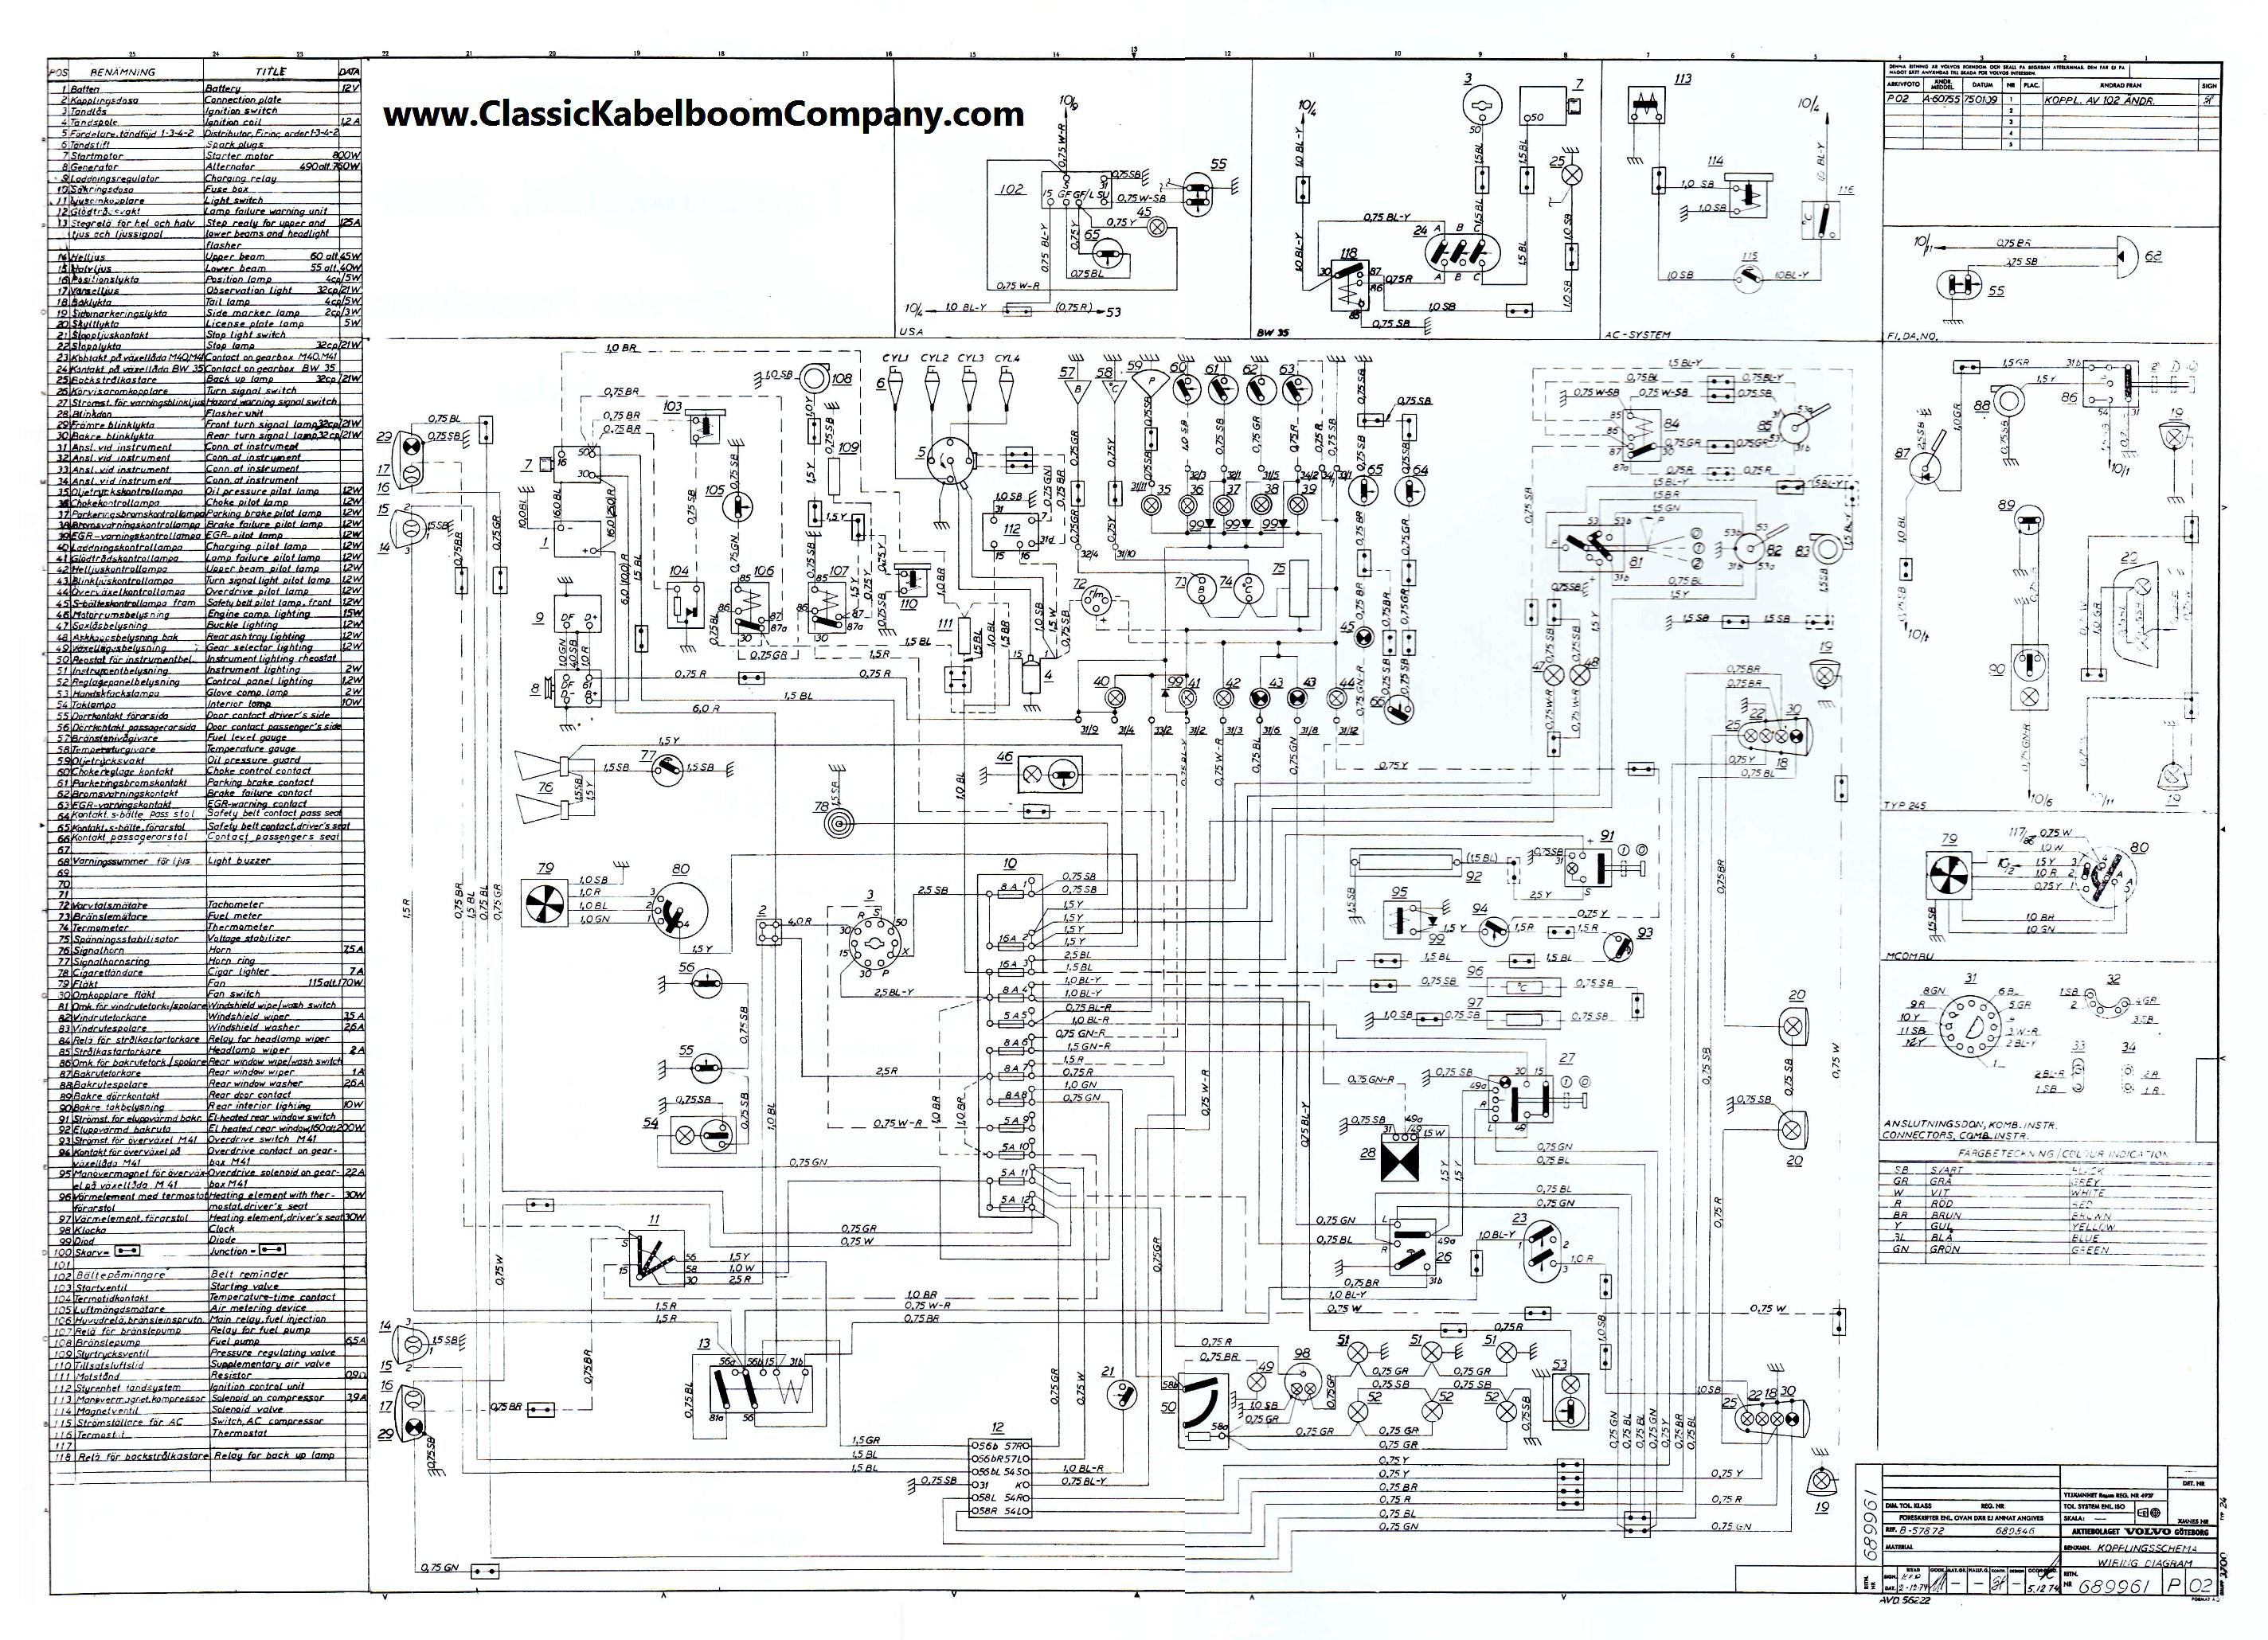 Isuzu Rodeo Engine Diagram Volvo 122 Wiring Diagram Wiring Diagram Of Isuzu Rodeo Engine Diagram